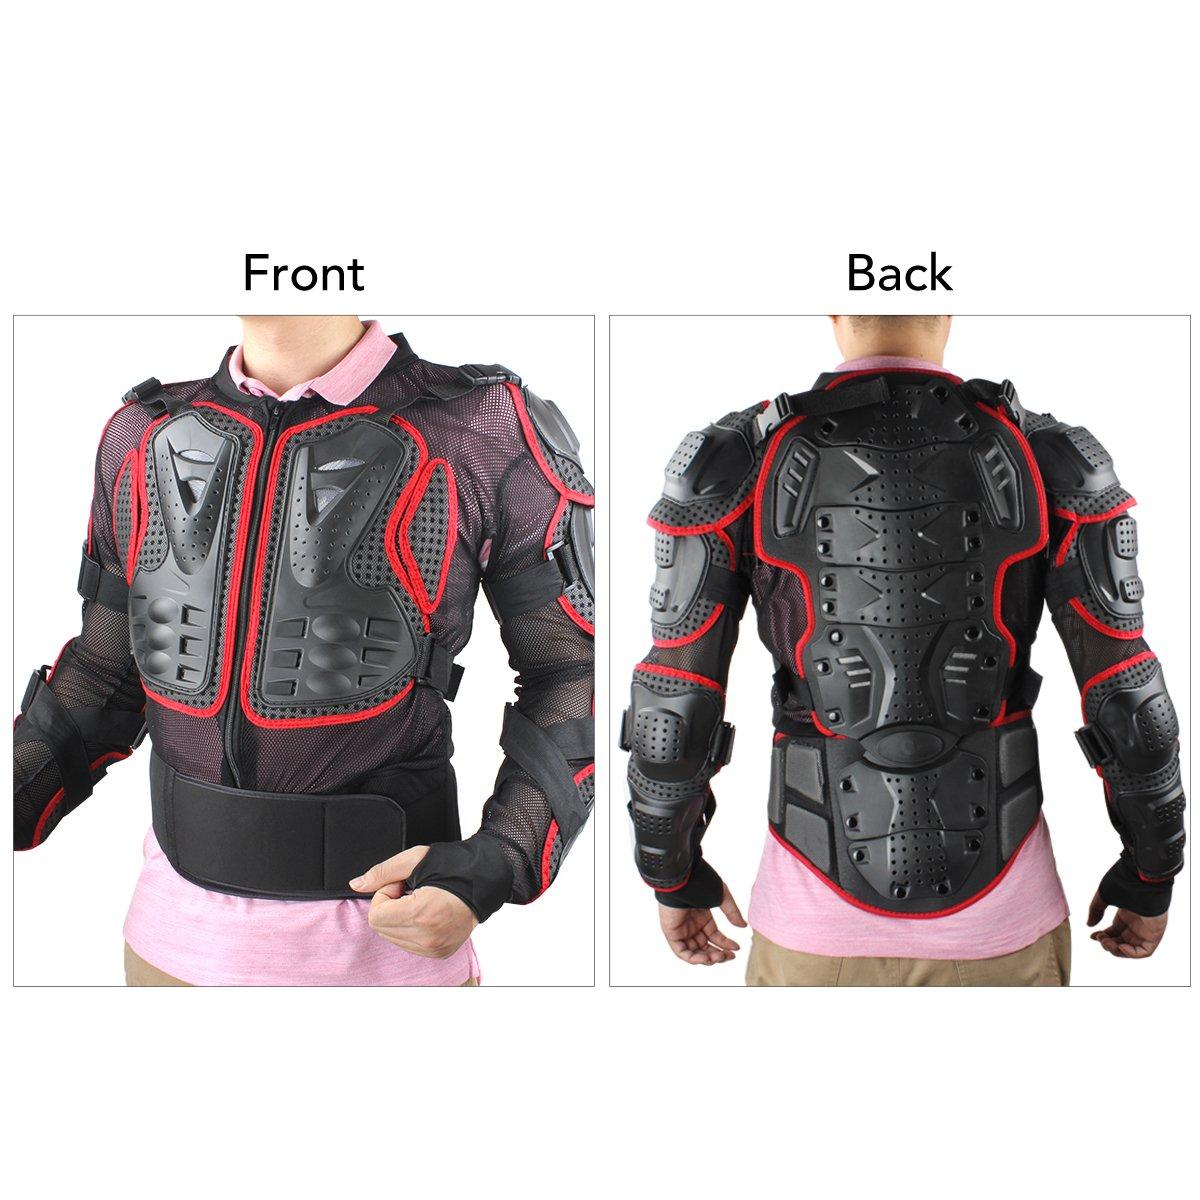 XL, nero GES Moto Protezione armatura da motocicletta Indumenti di Protezione Corpo Armatura Completa Moto Professionale Sportivo per gli uomini abbigliamento protettivo da corsa